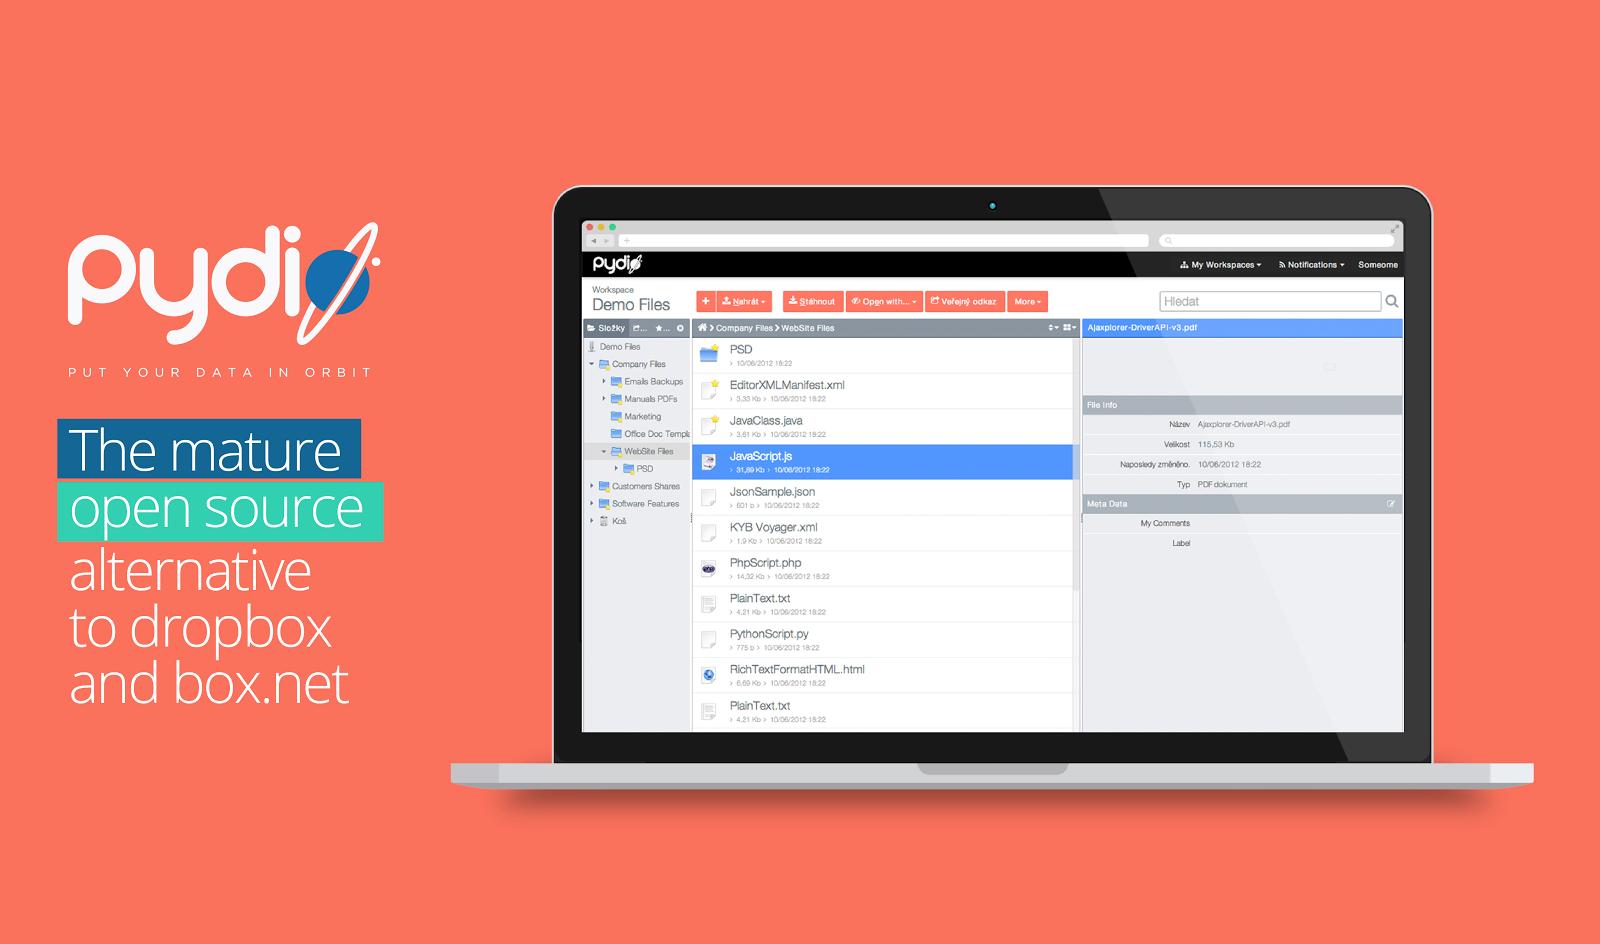 Pydio la alternativa gratuita (código abierto) a Dropbox para empresas